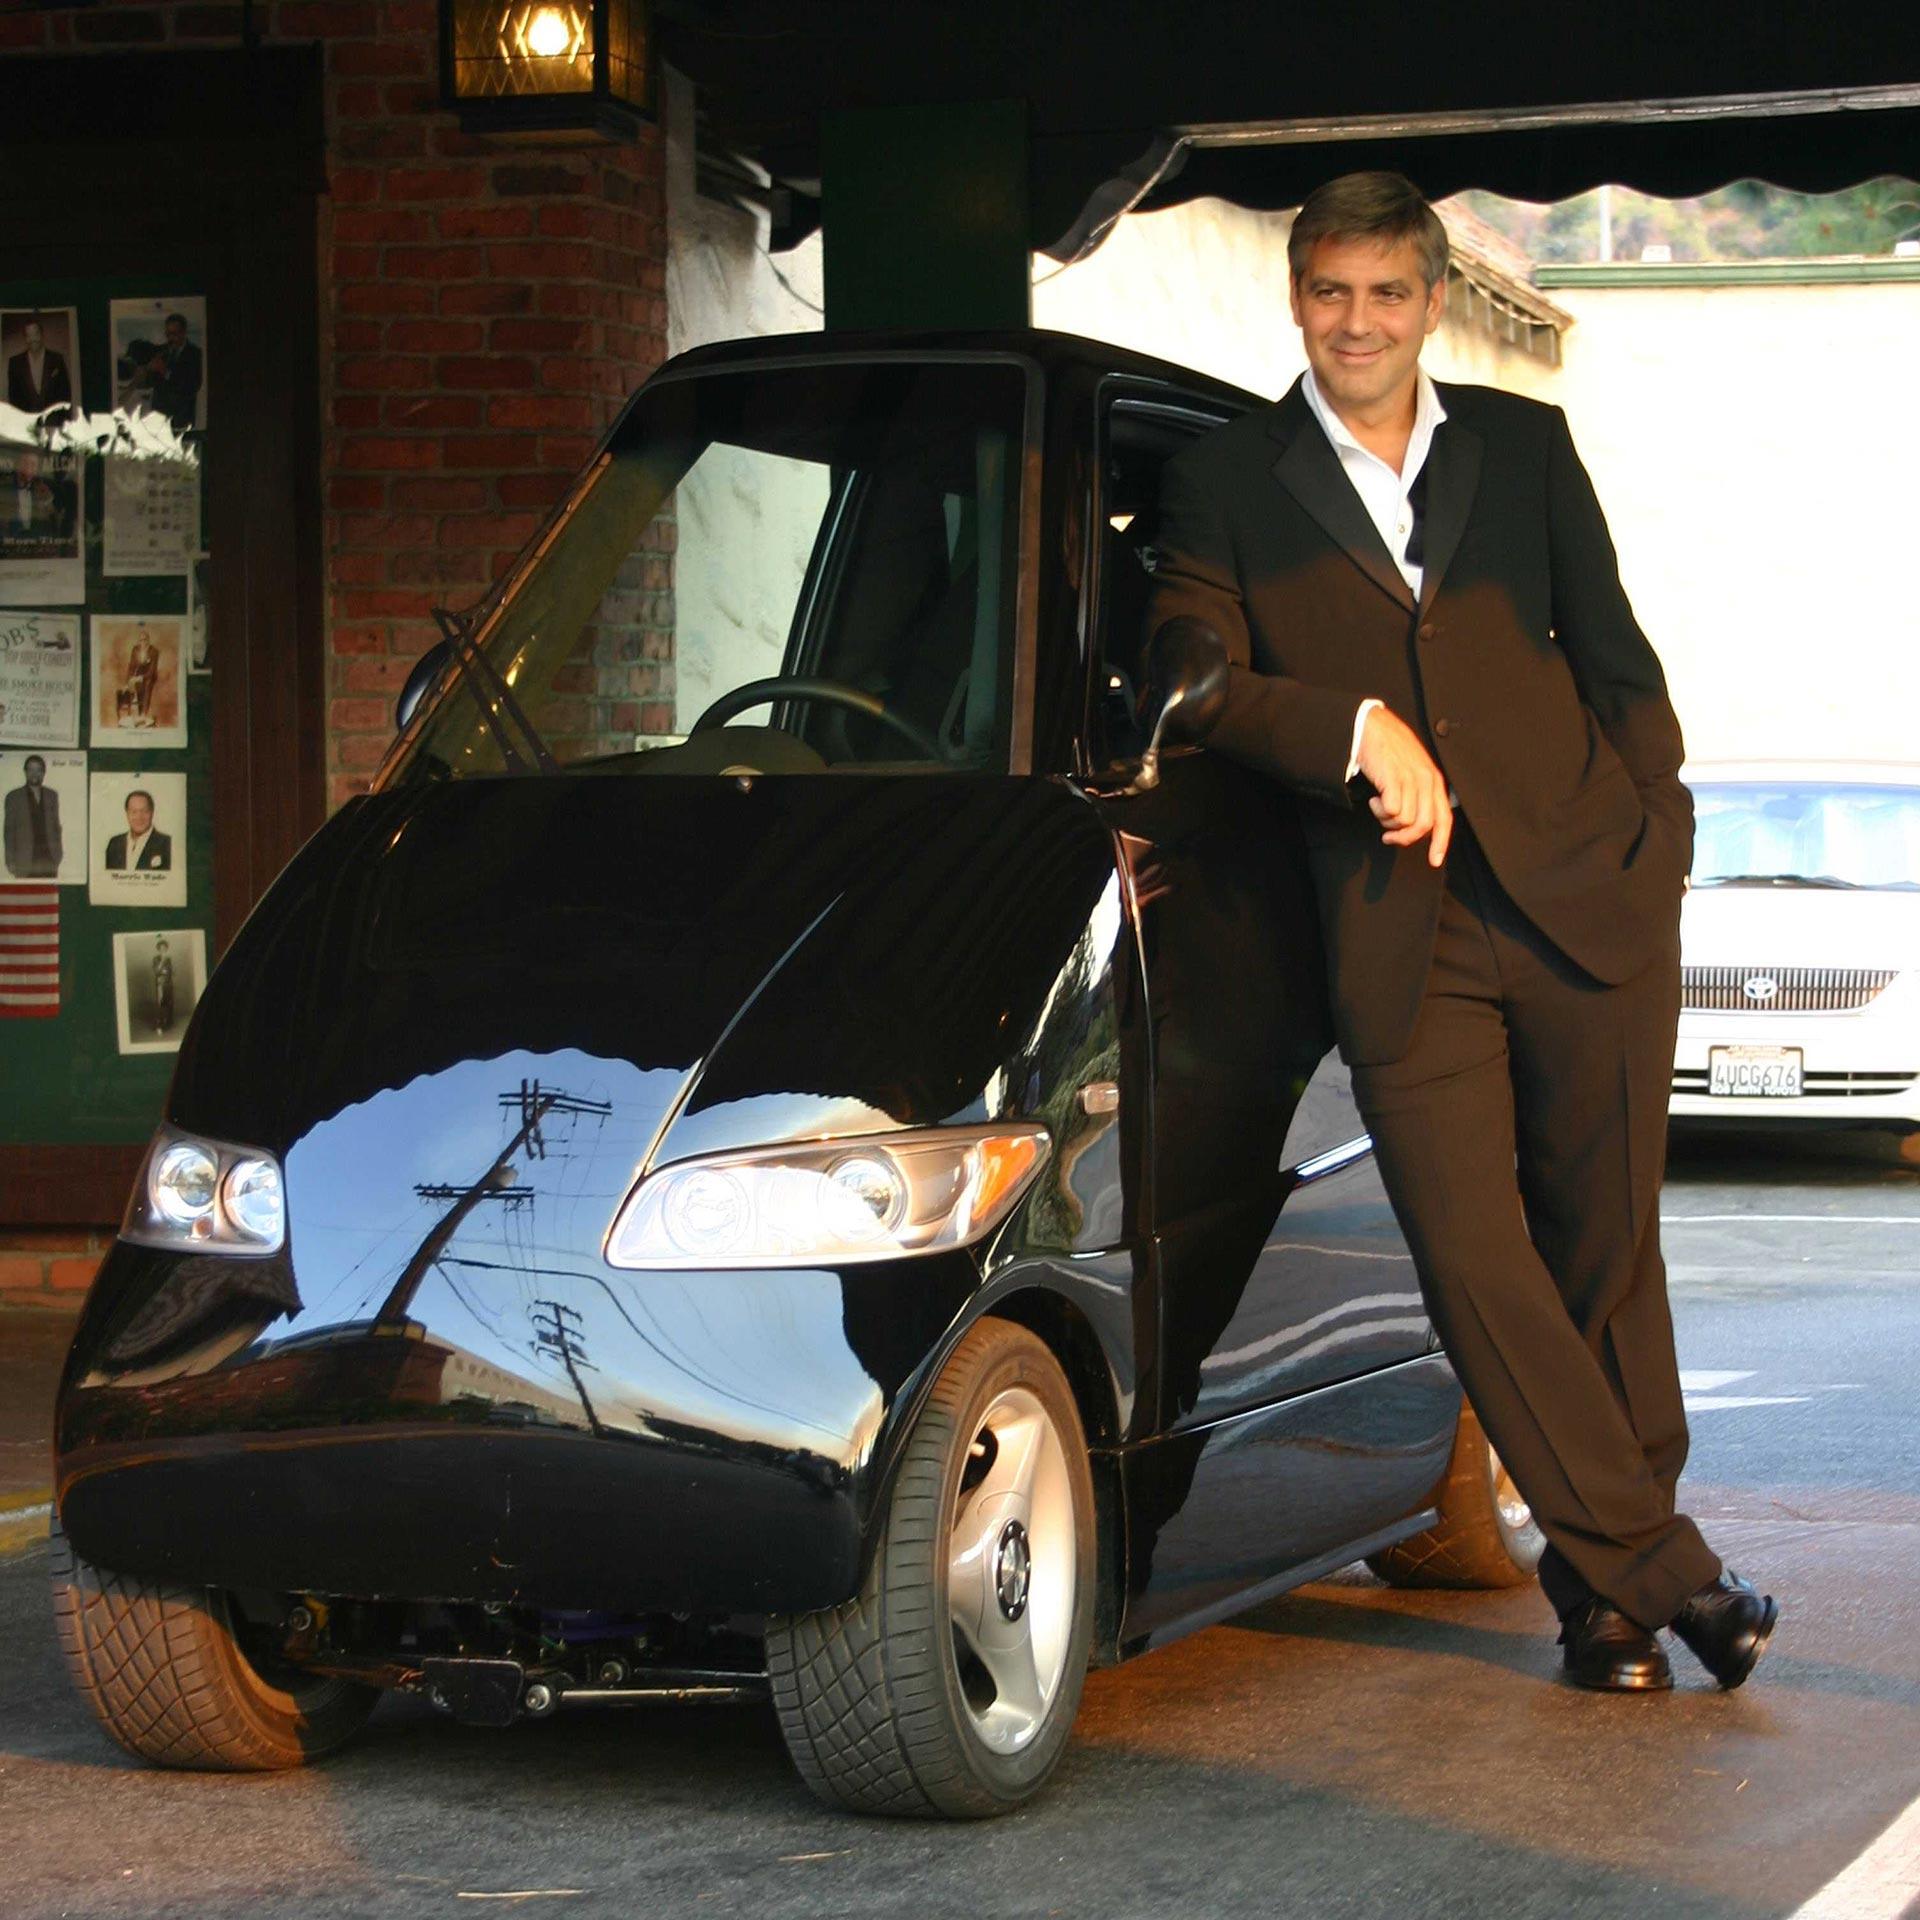 Ο George Clooney ποζάρει με το μικρό ηλεκτροκίνητό του